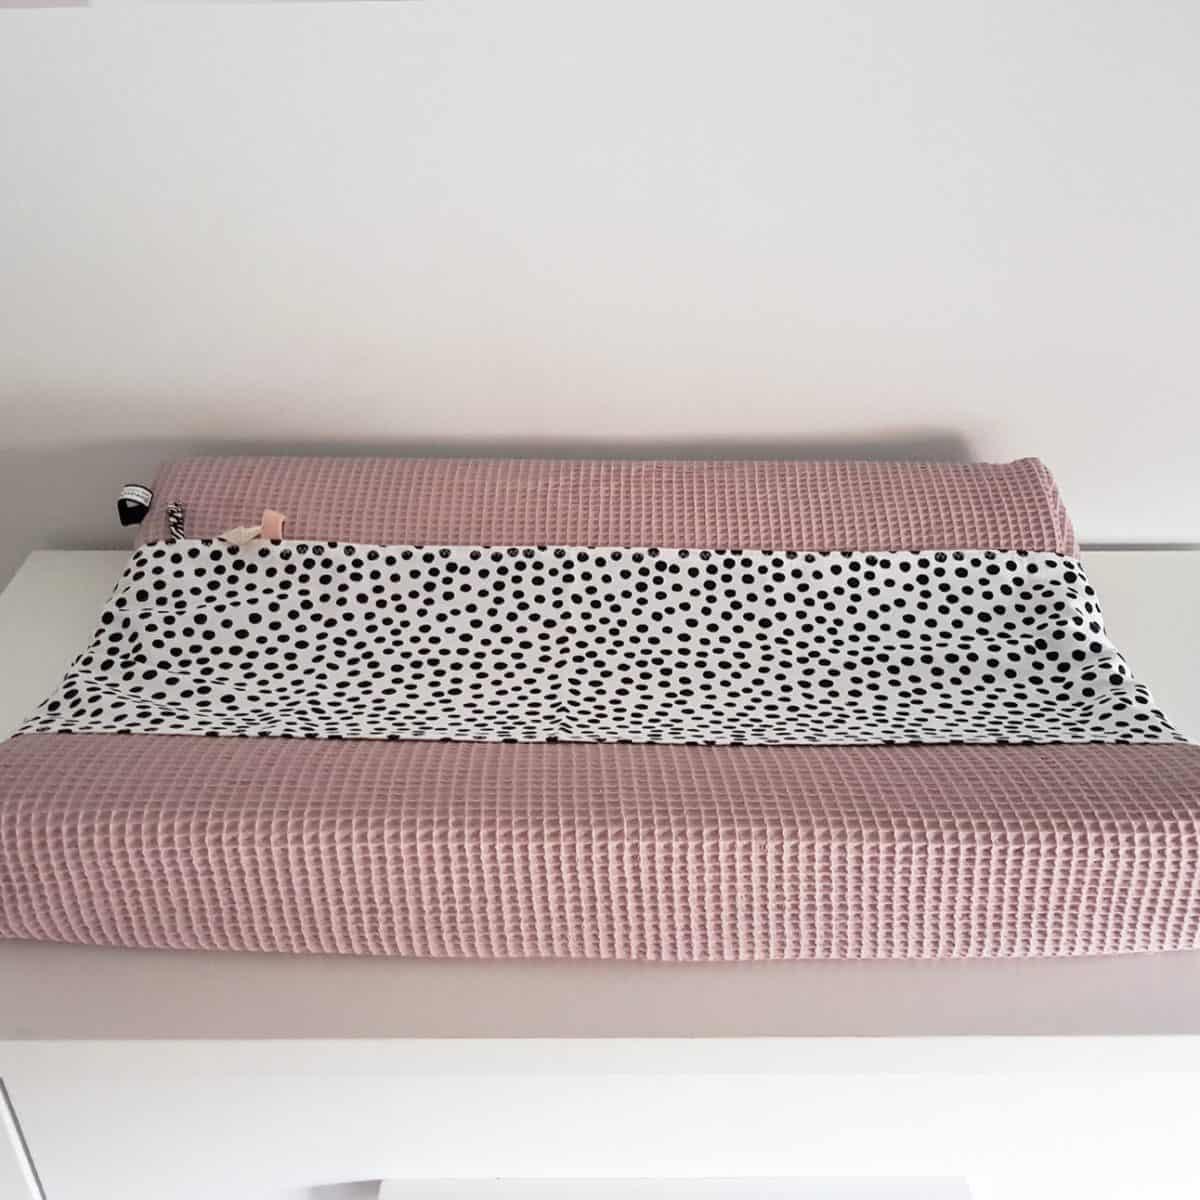 omkleedkussenhoes aankleedkussenhoes in wafel roze zwart wit dots